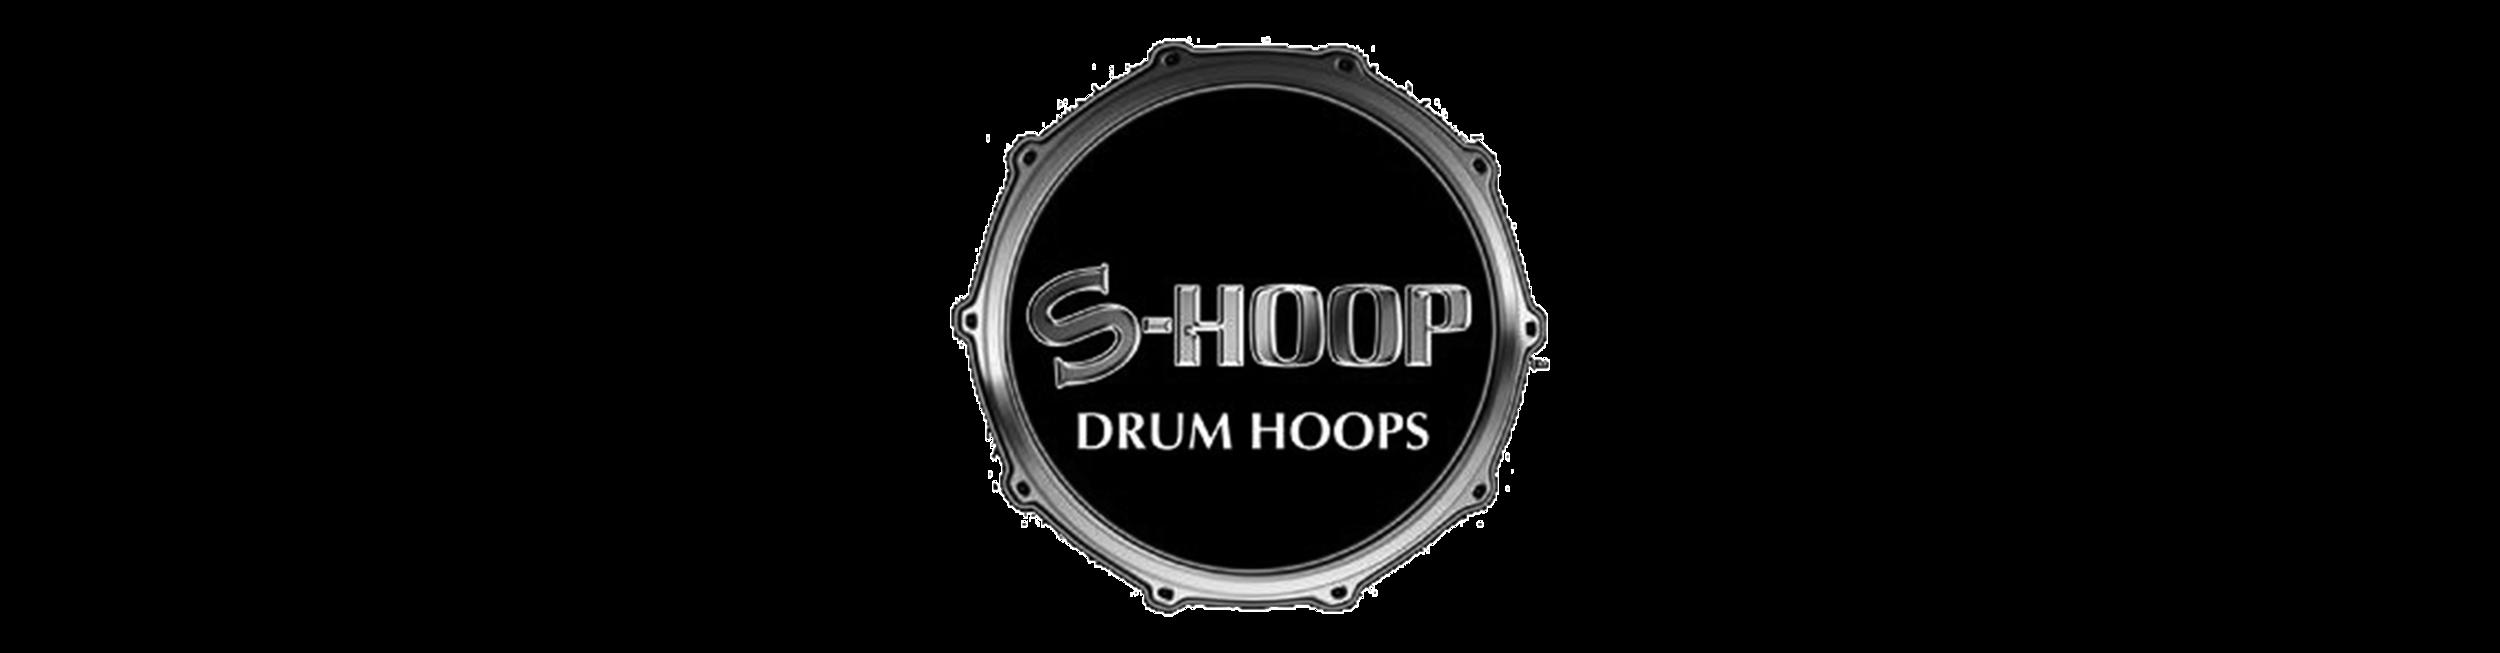 Productos - S-Hoop